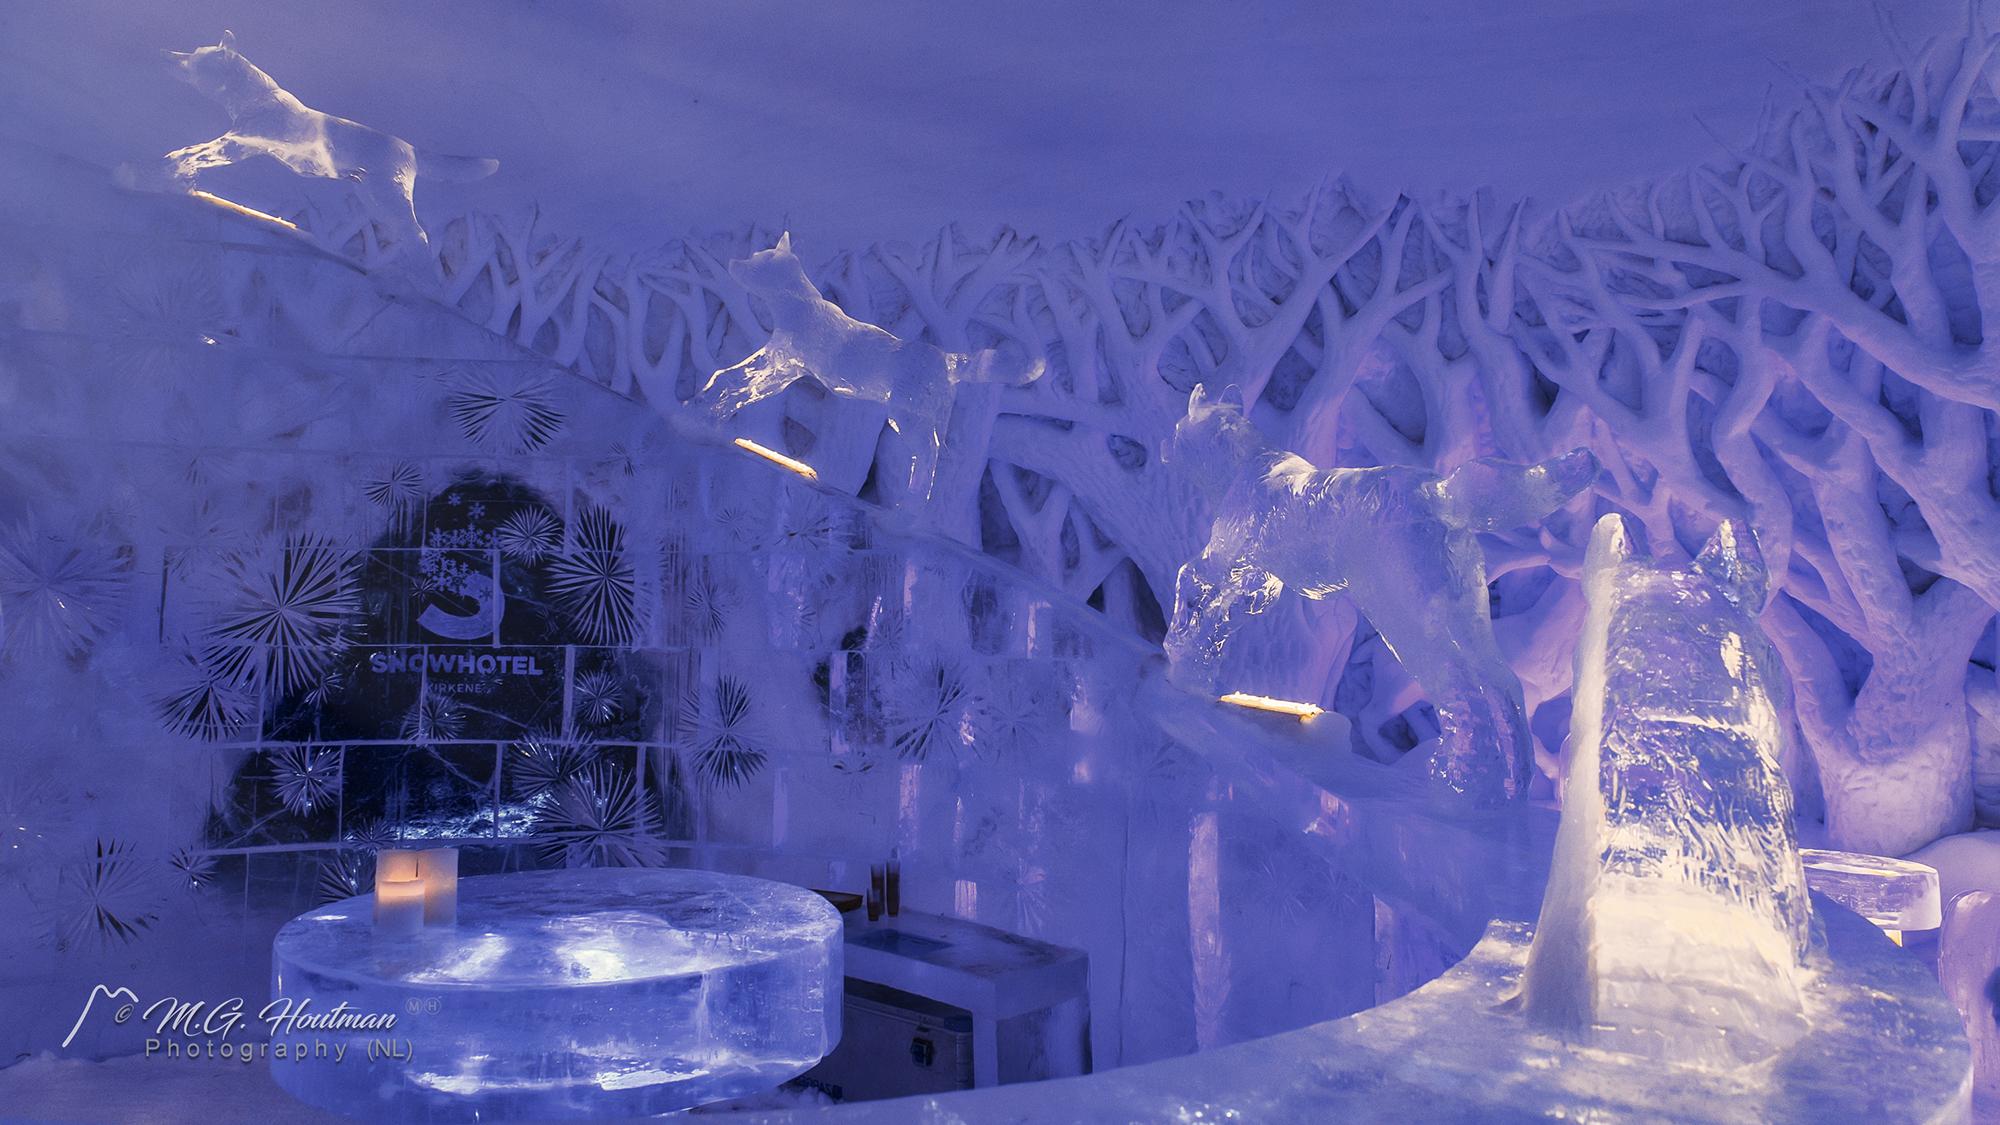 Snowhotel - Kirkenes (NO)